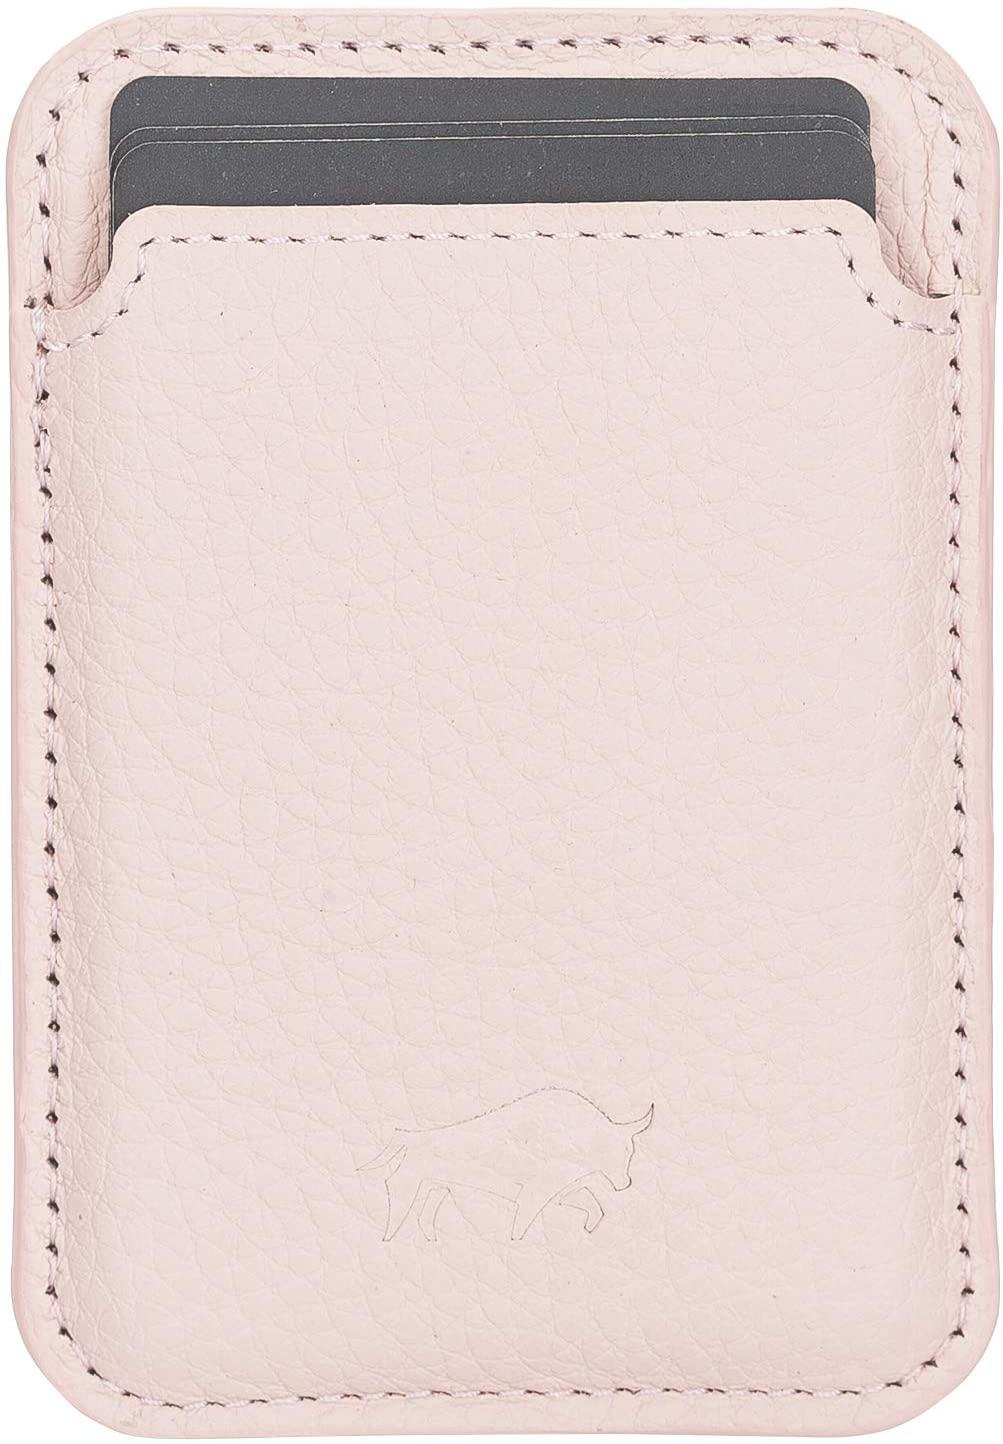 Magnetische Geldbörse (Magsafe) Für verschiedene Lederhüllen von Solo Pelle kompatibel kompatibe  (Nude Rosa)